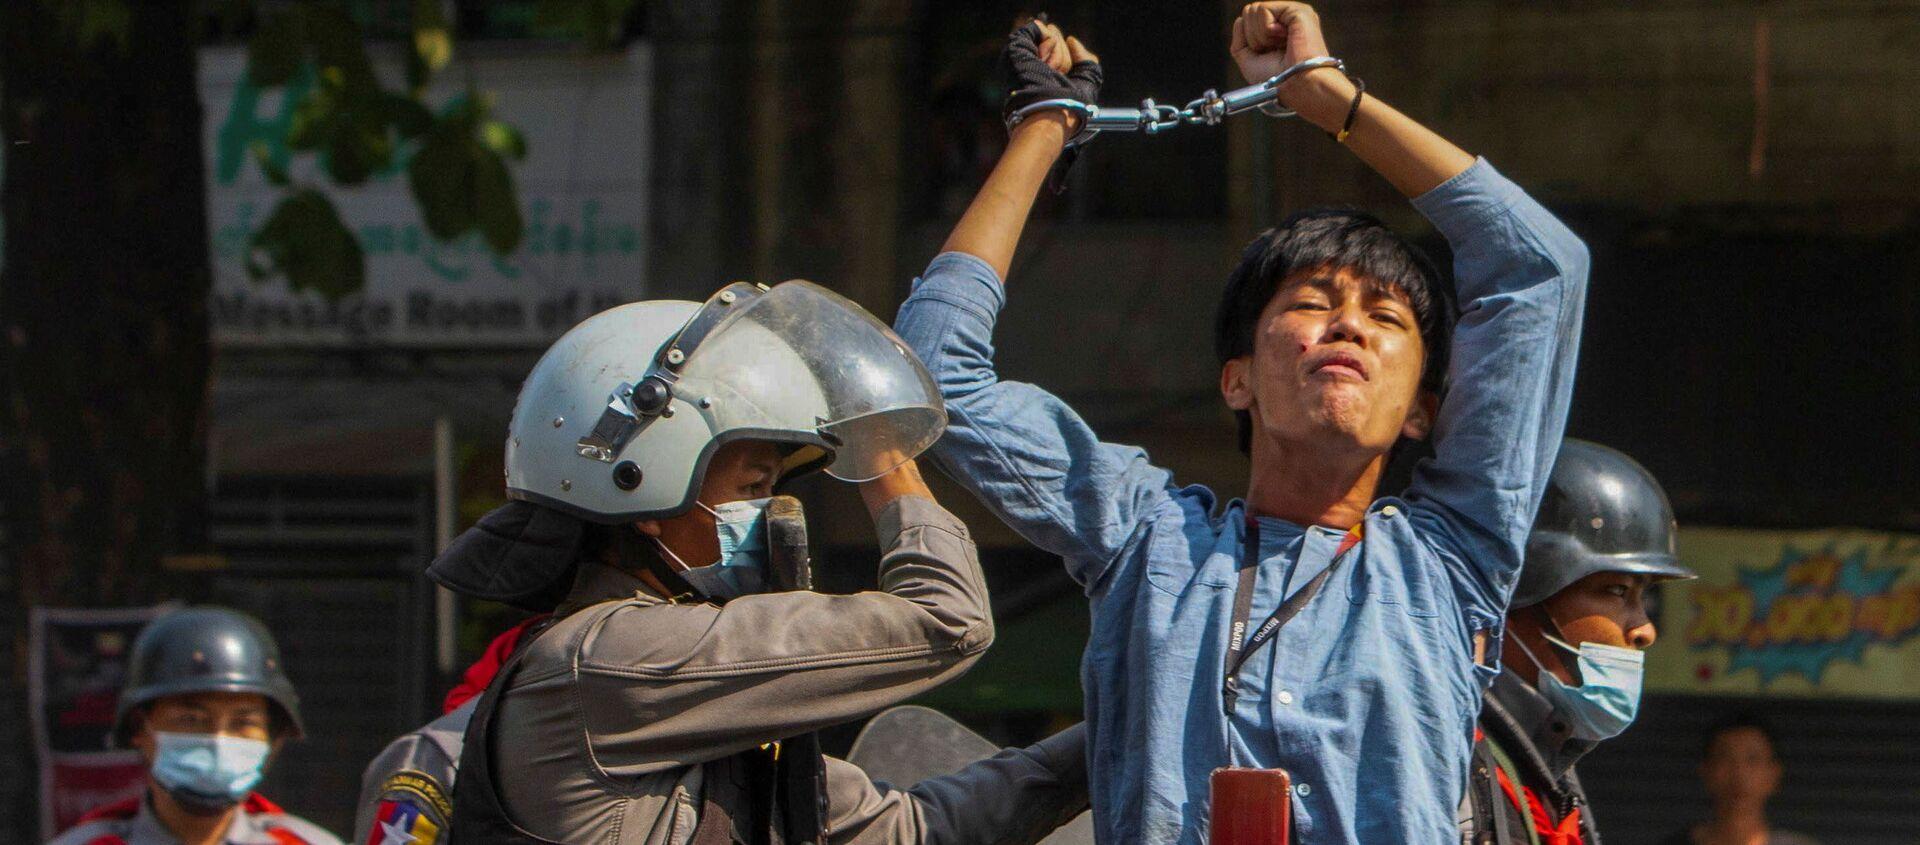 ミャンマーの抗議活動で逮捕される市民 - Sputnik 日本, 1920, 08.03.2021